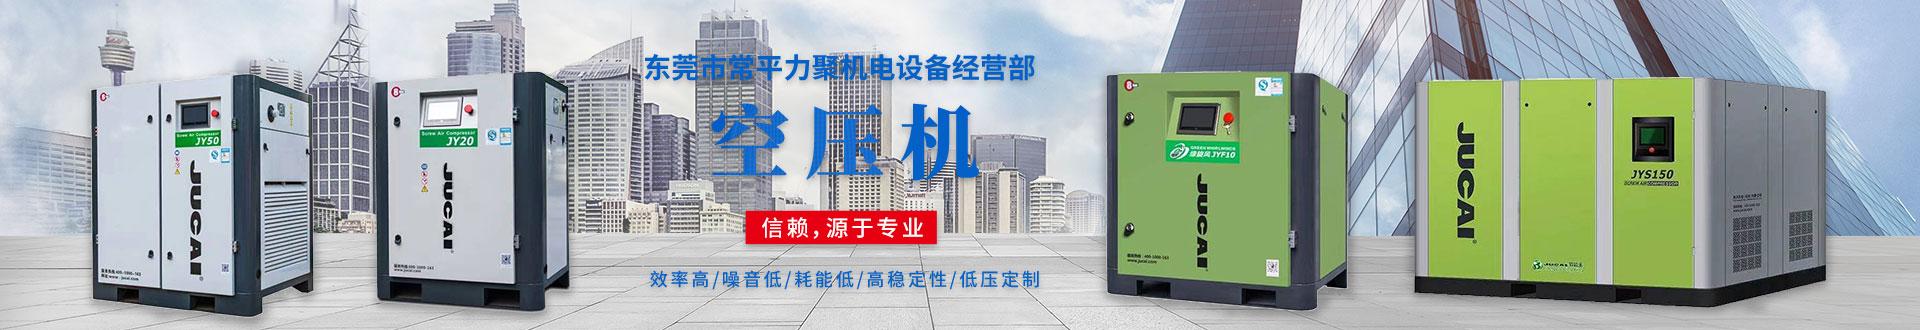 东莞市常平力聚机电设备经营部